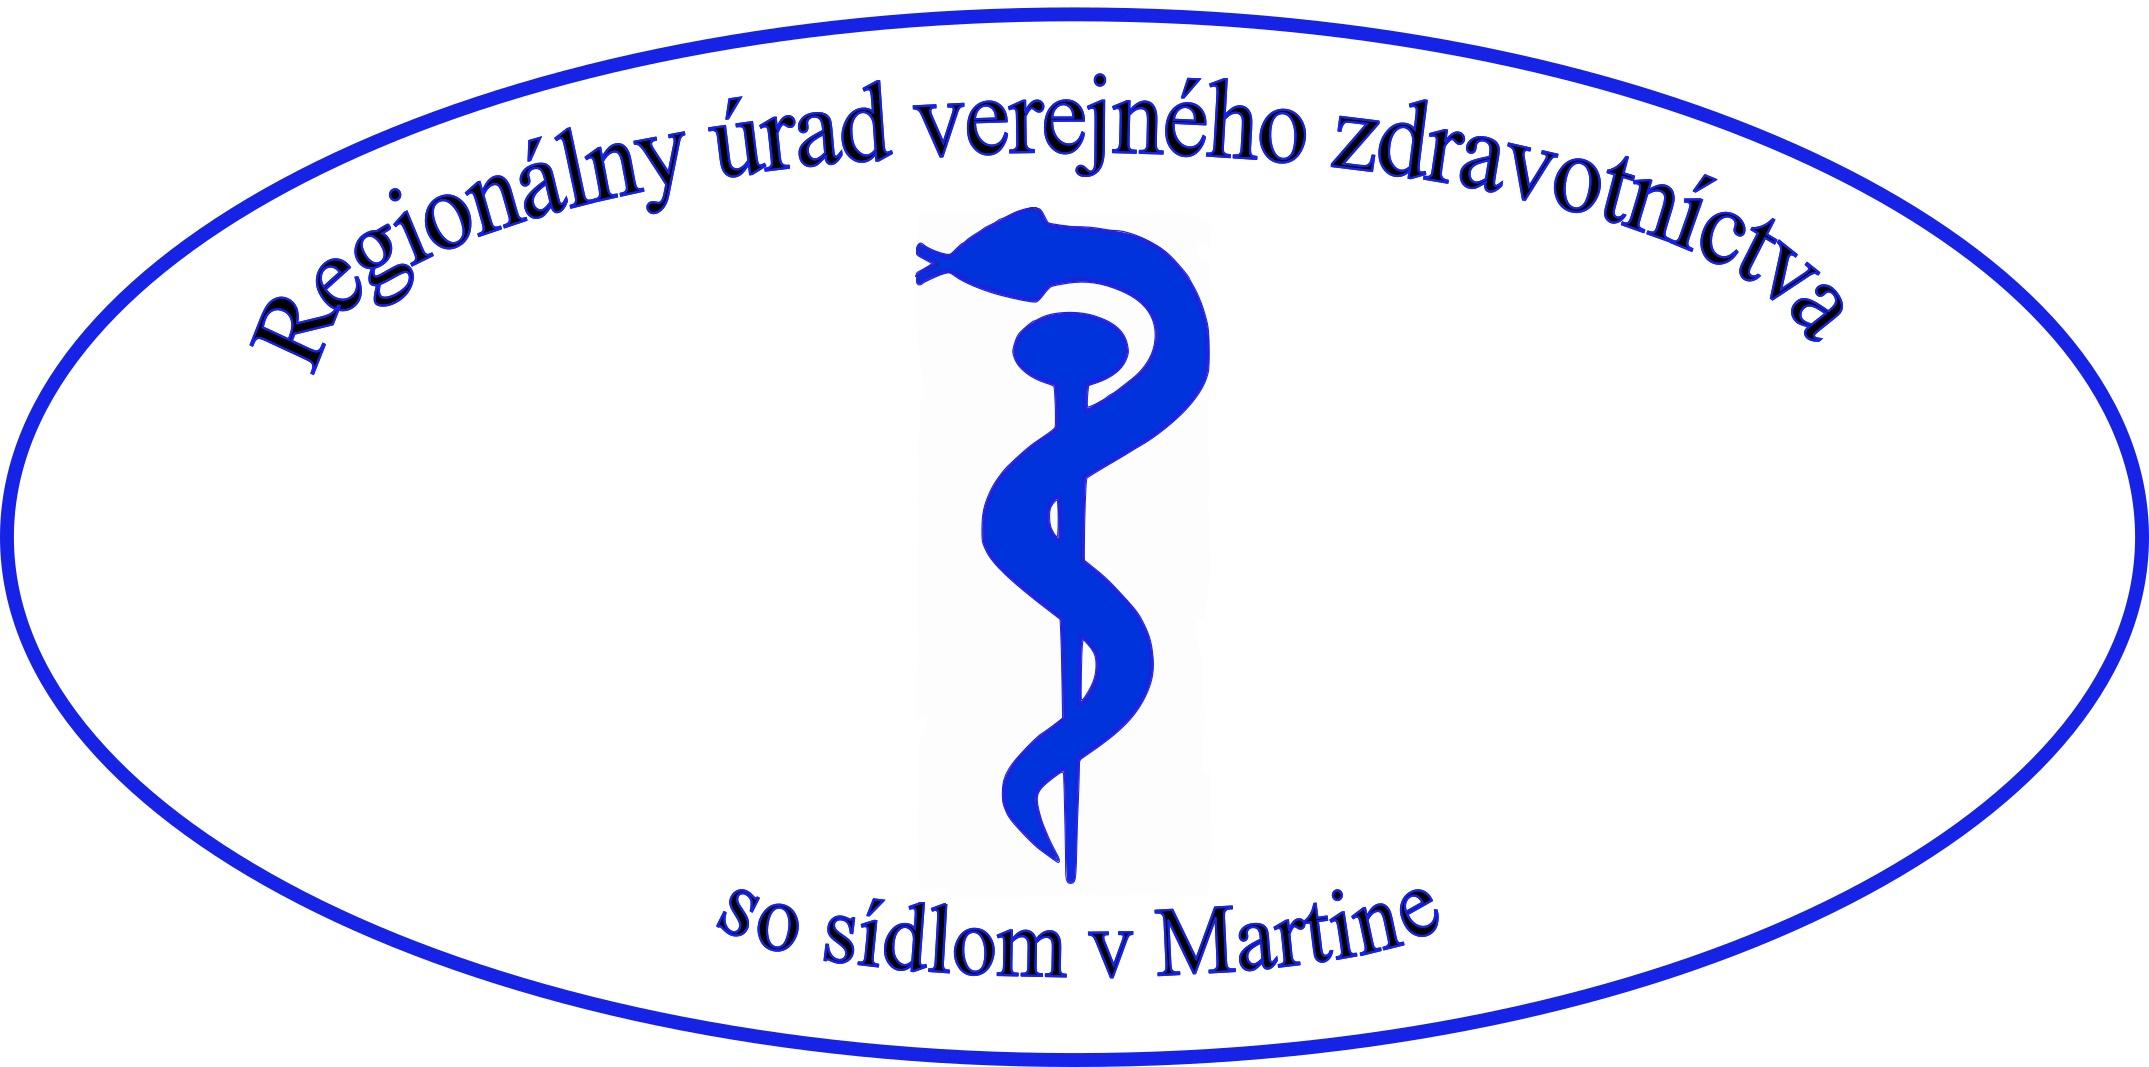 Regionálny úrad verejného zdravotníctva Martin